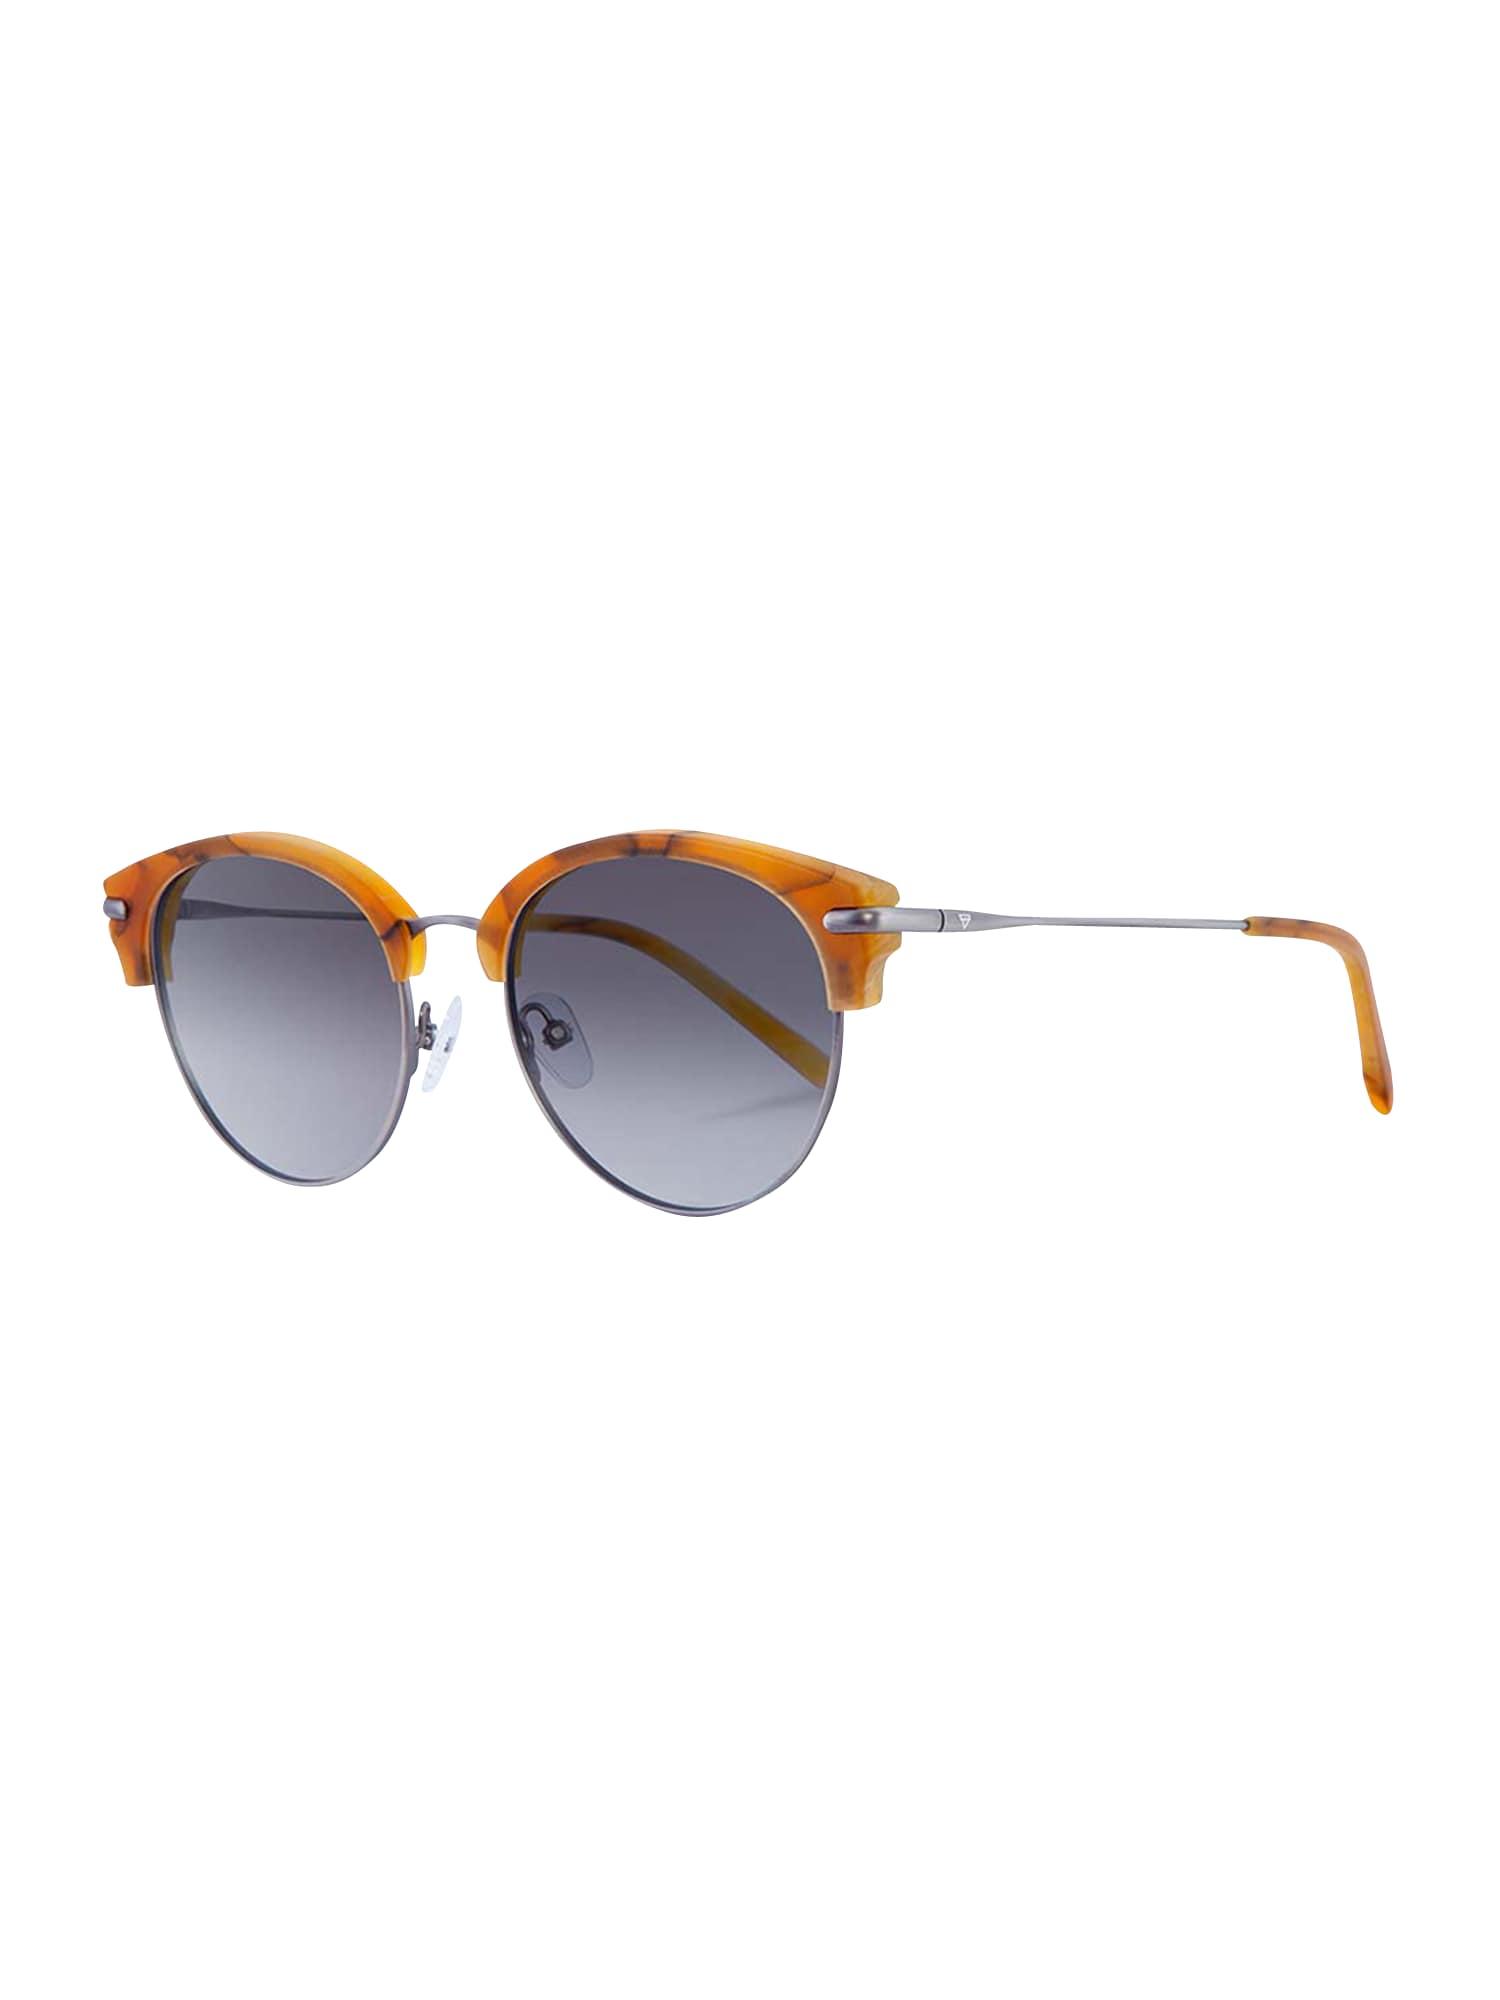 Sluneční brýle Carl žlutá šedá Kerbholz